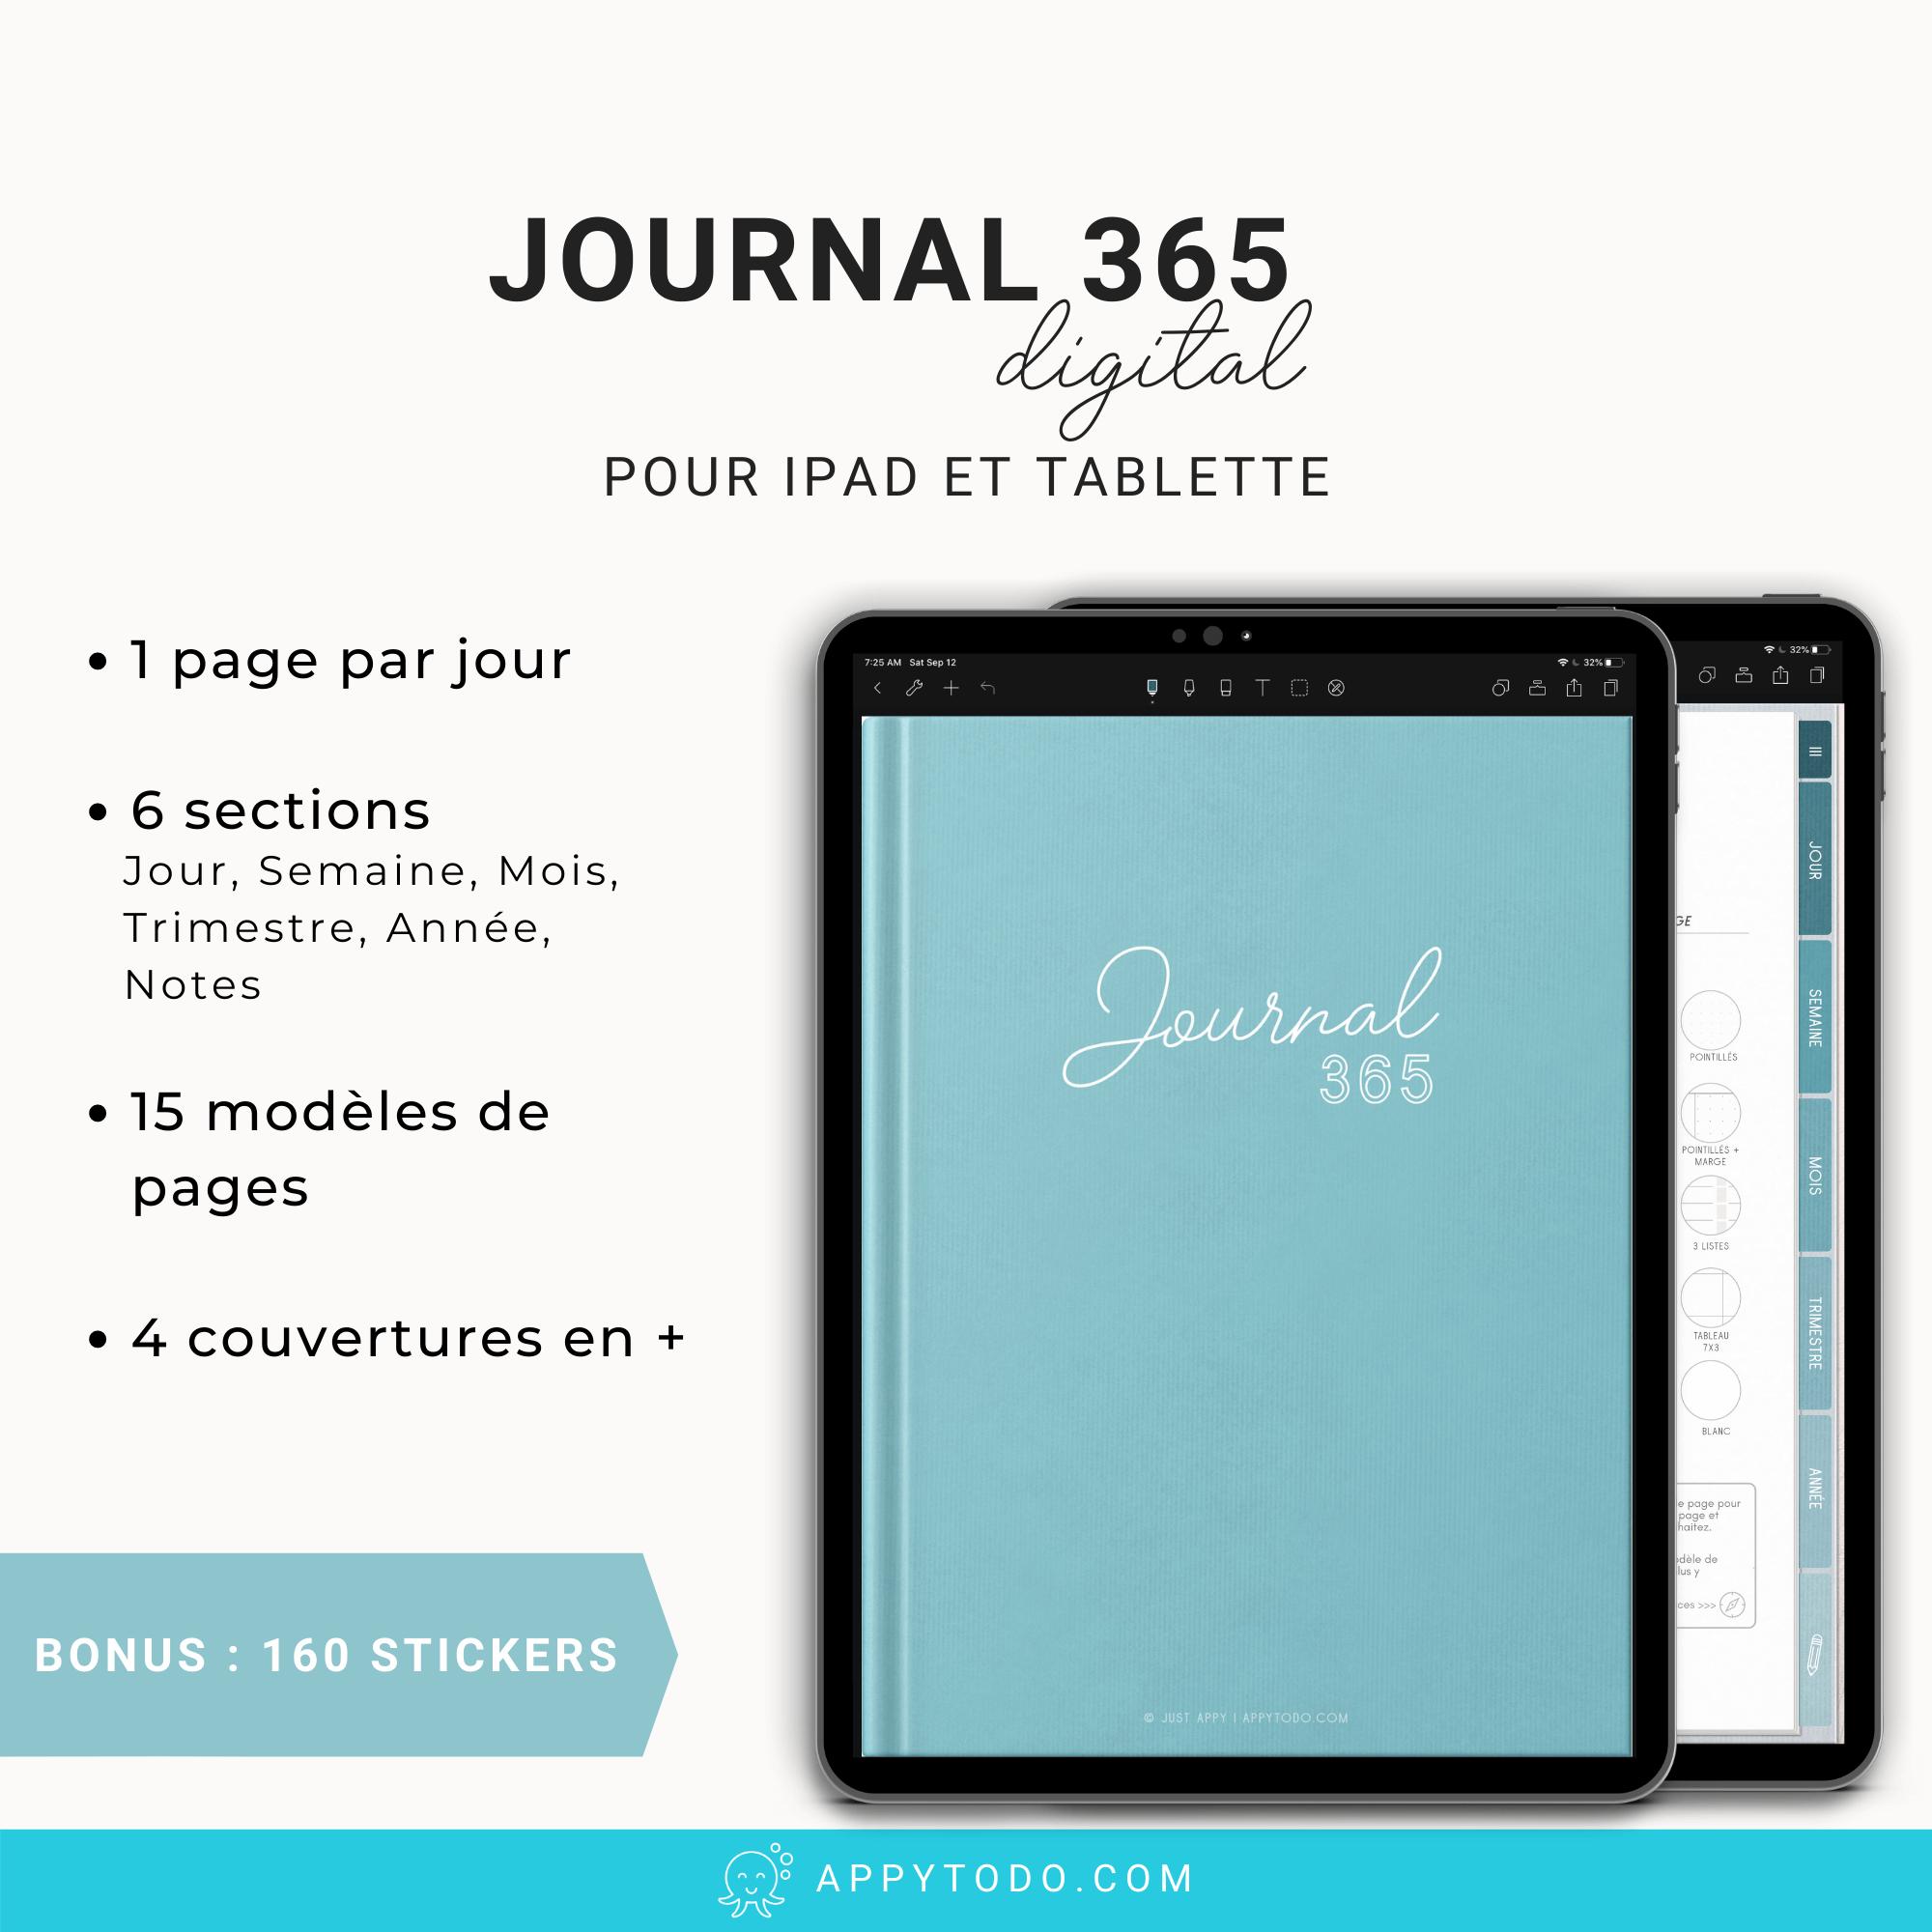 Journal digital 365 turquoise pour ipad et tablette